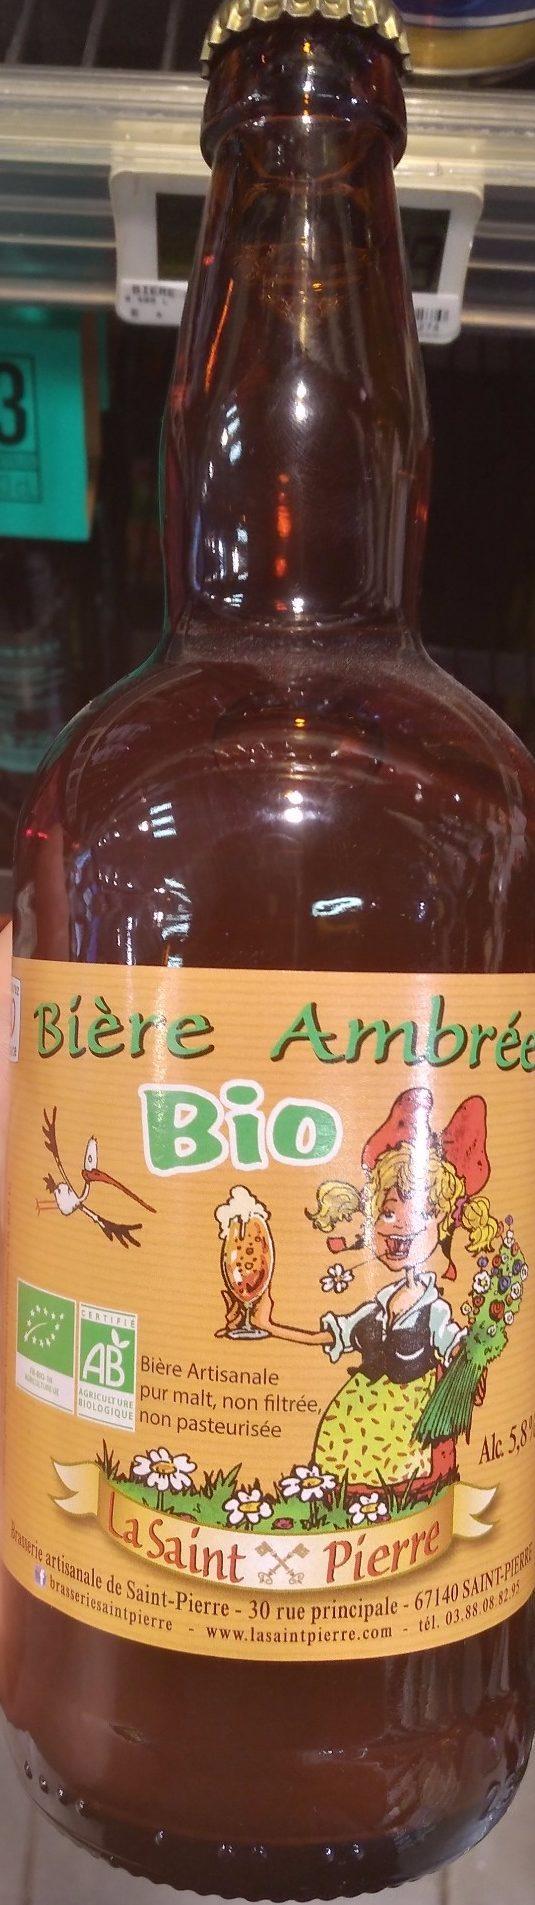 Bière Ambrée Bio - Produkt - fr